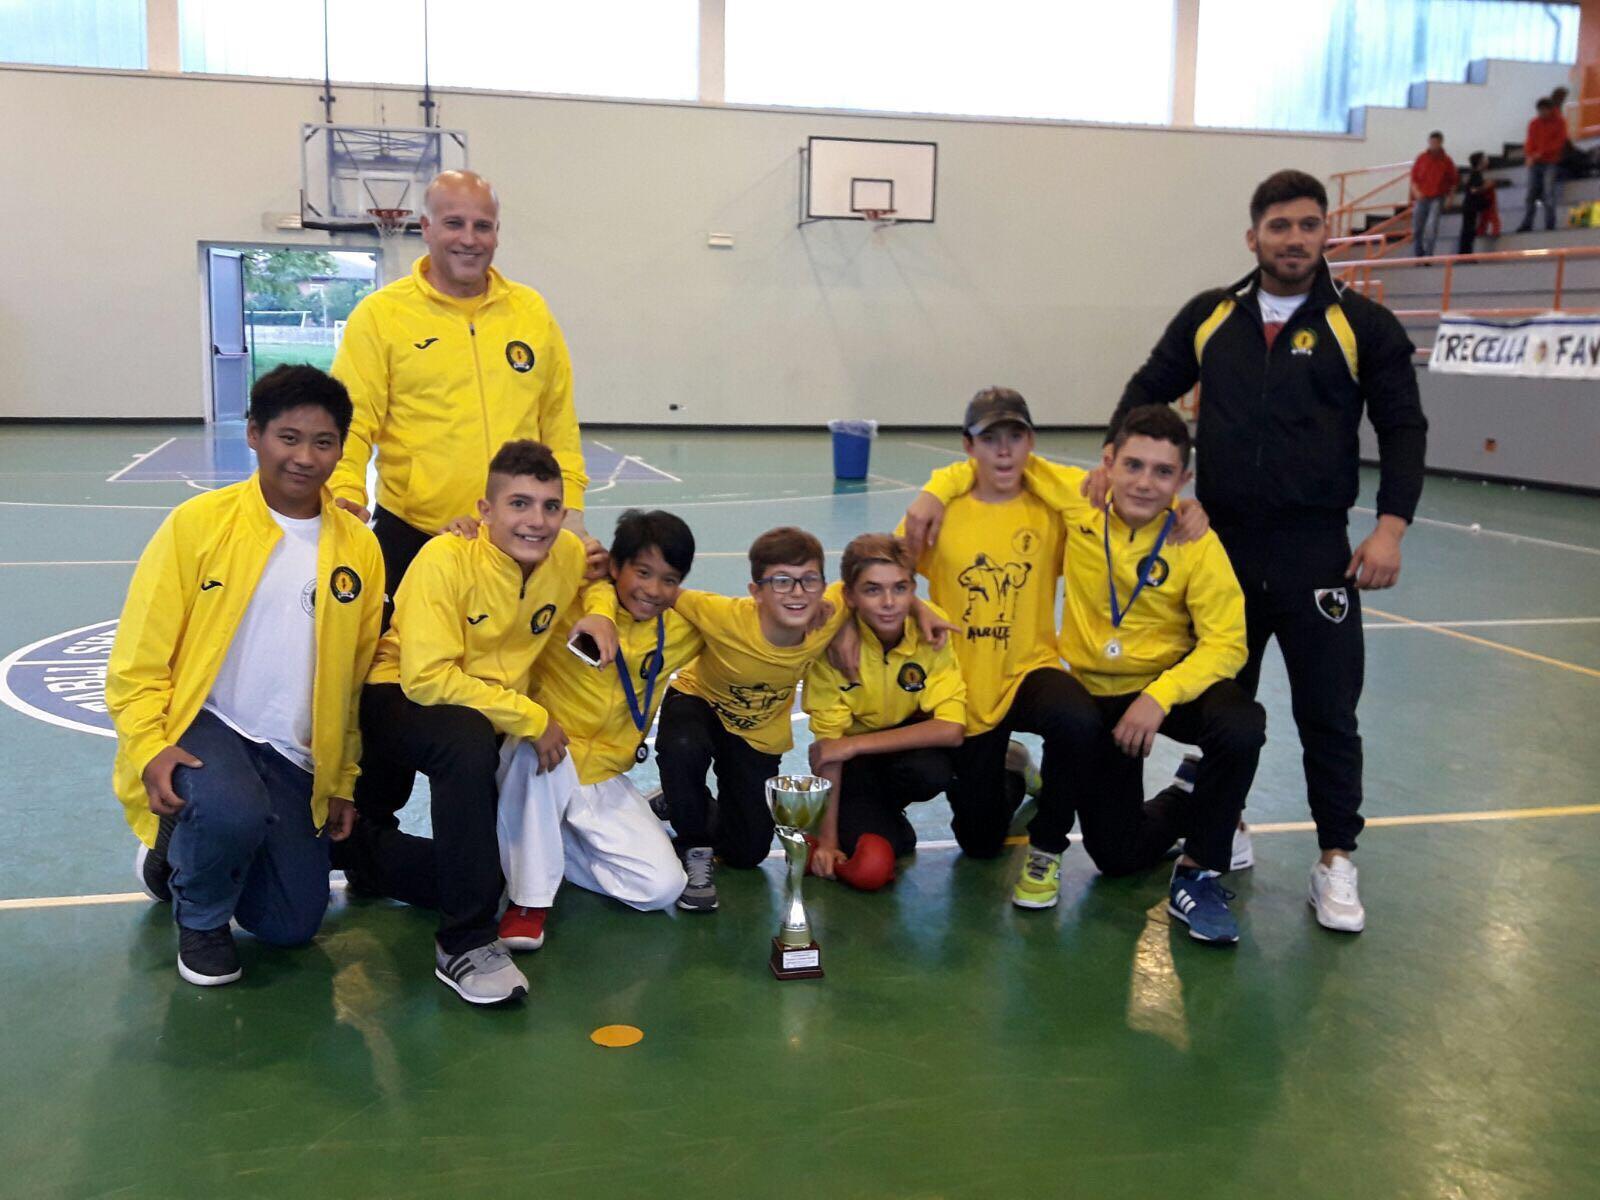 Campionato Regionale 2017 Esordienti A